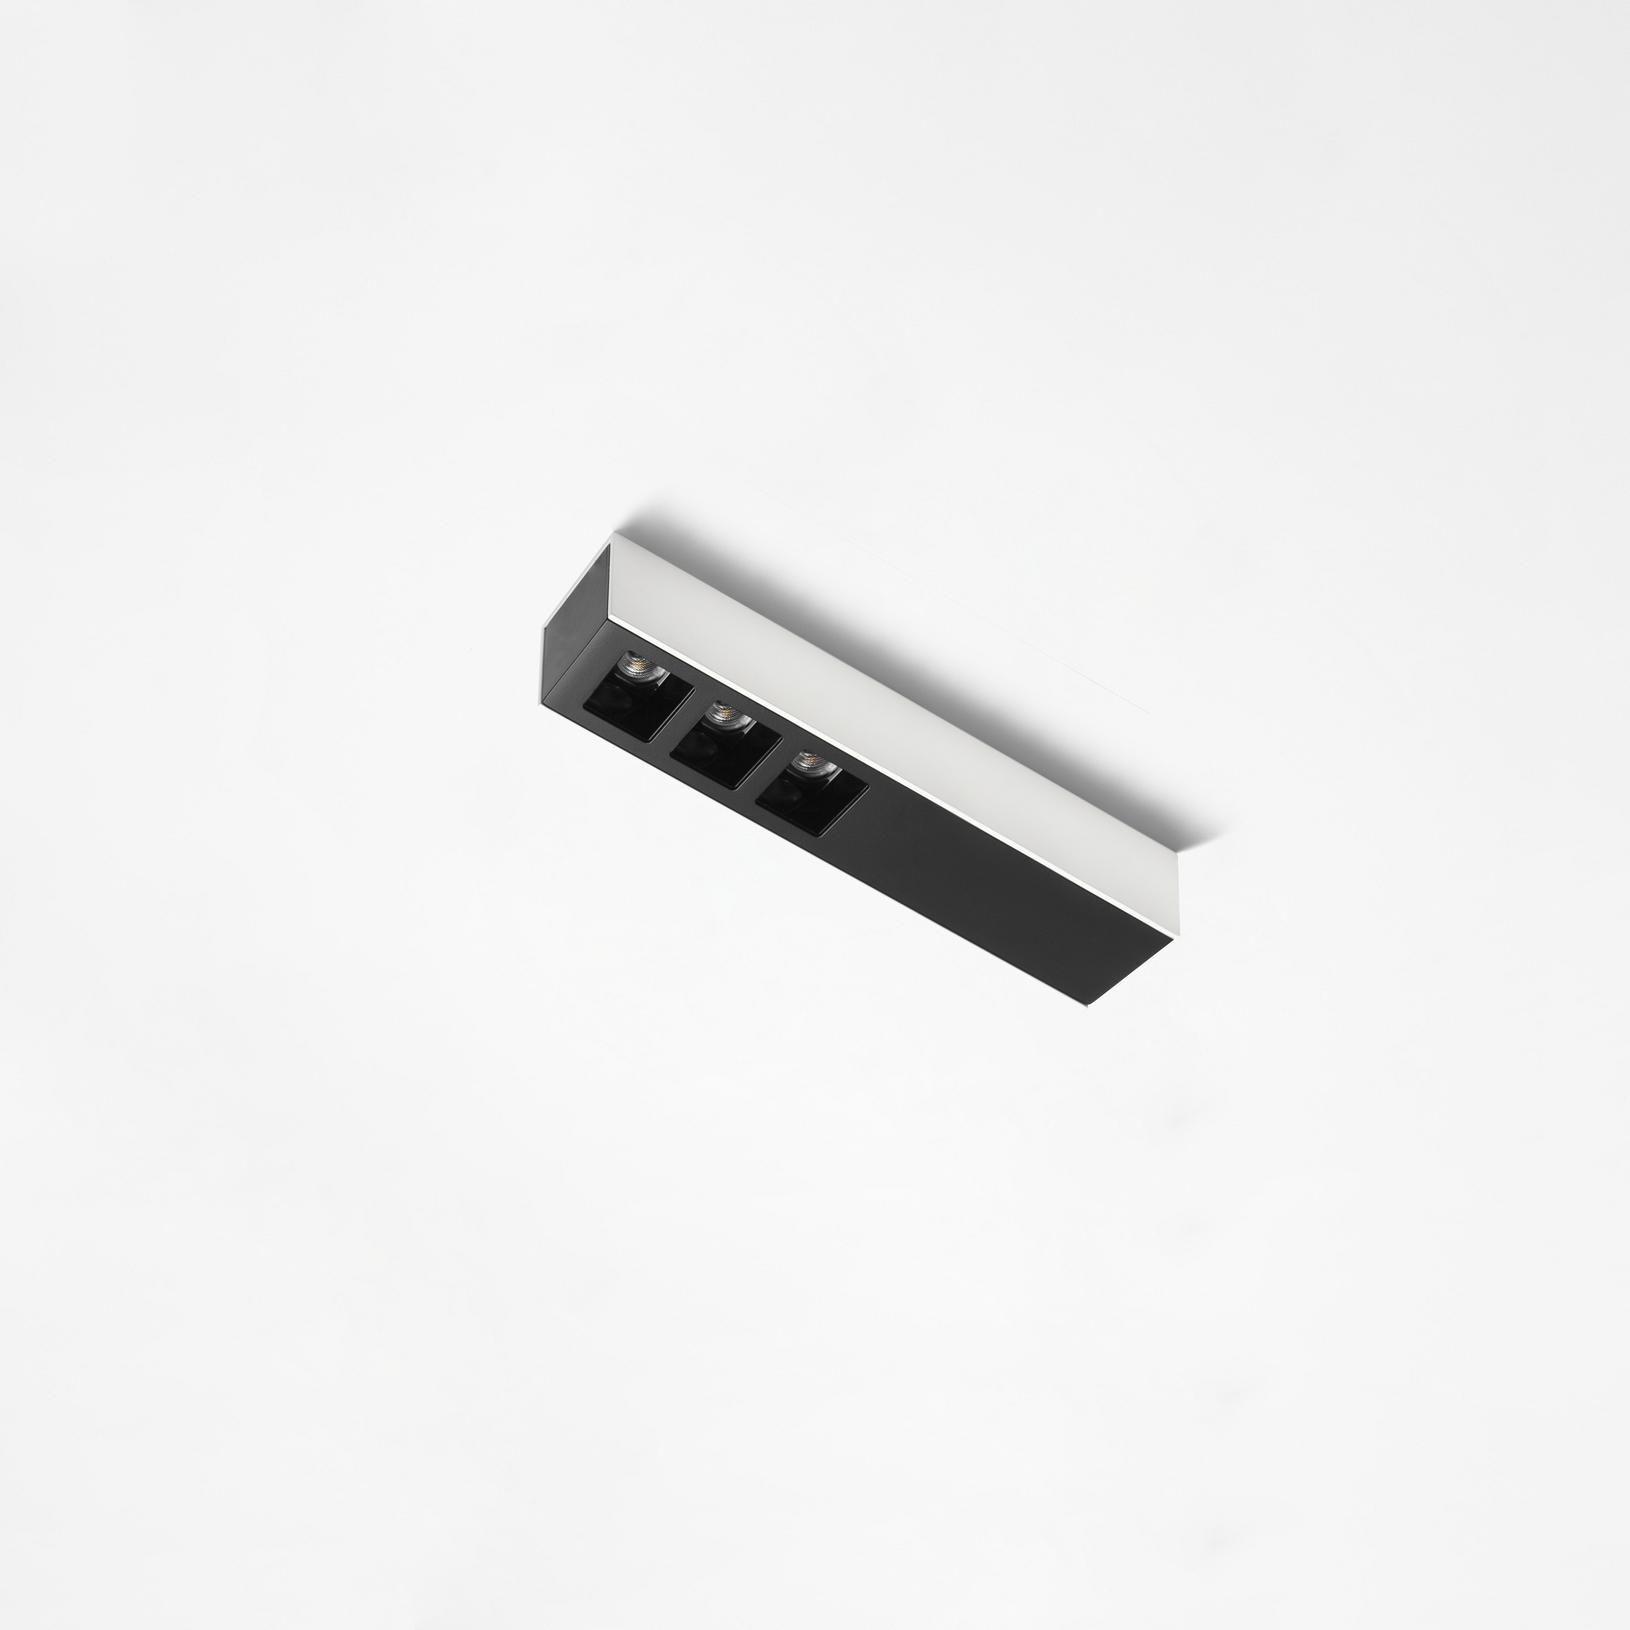 Oprawa natynkowa Dota NT Long 40.3 LED 3.2187 Labra potrójna oprawa w nowoczesnym stylu